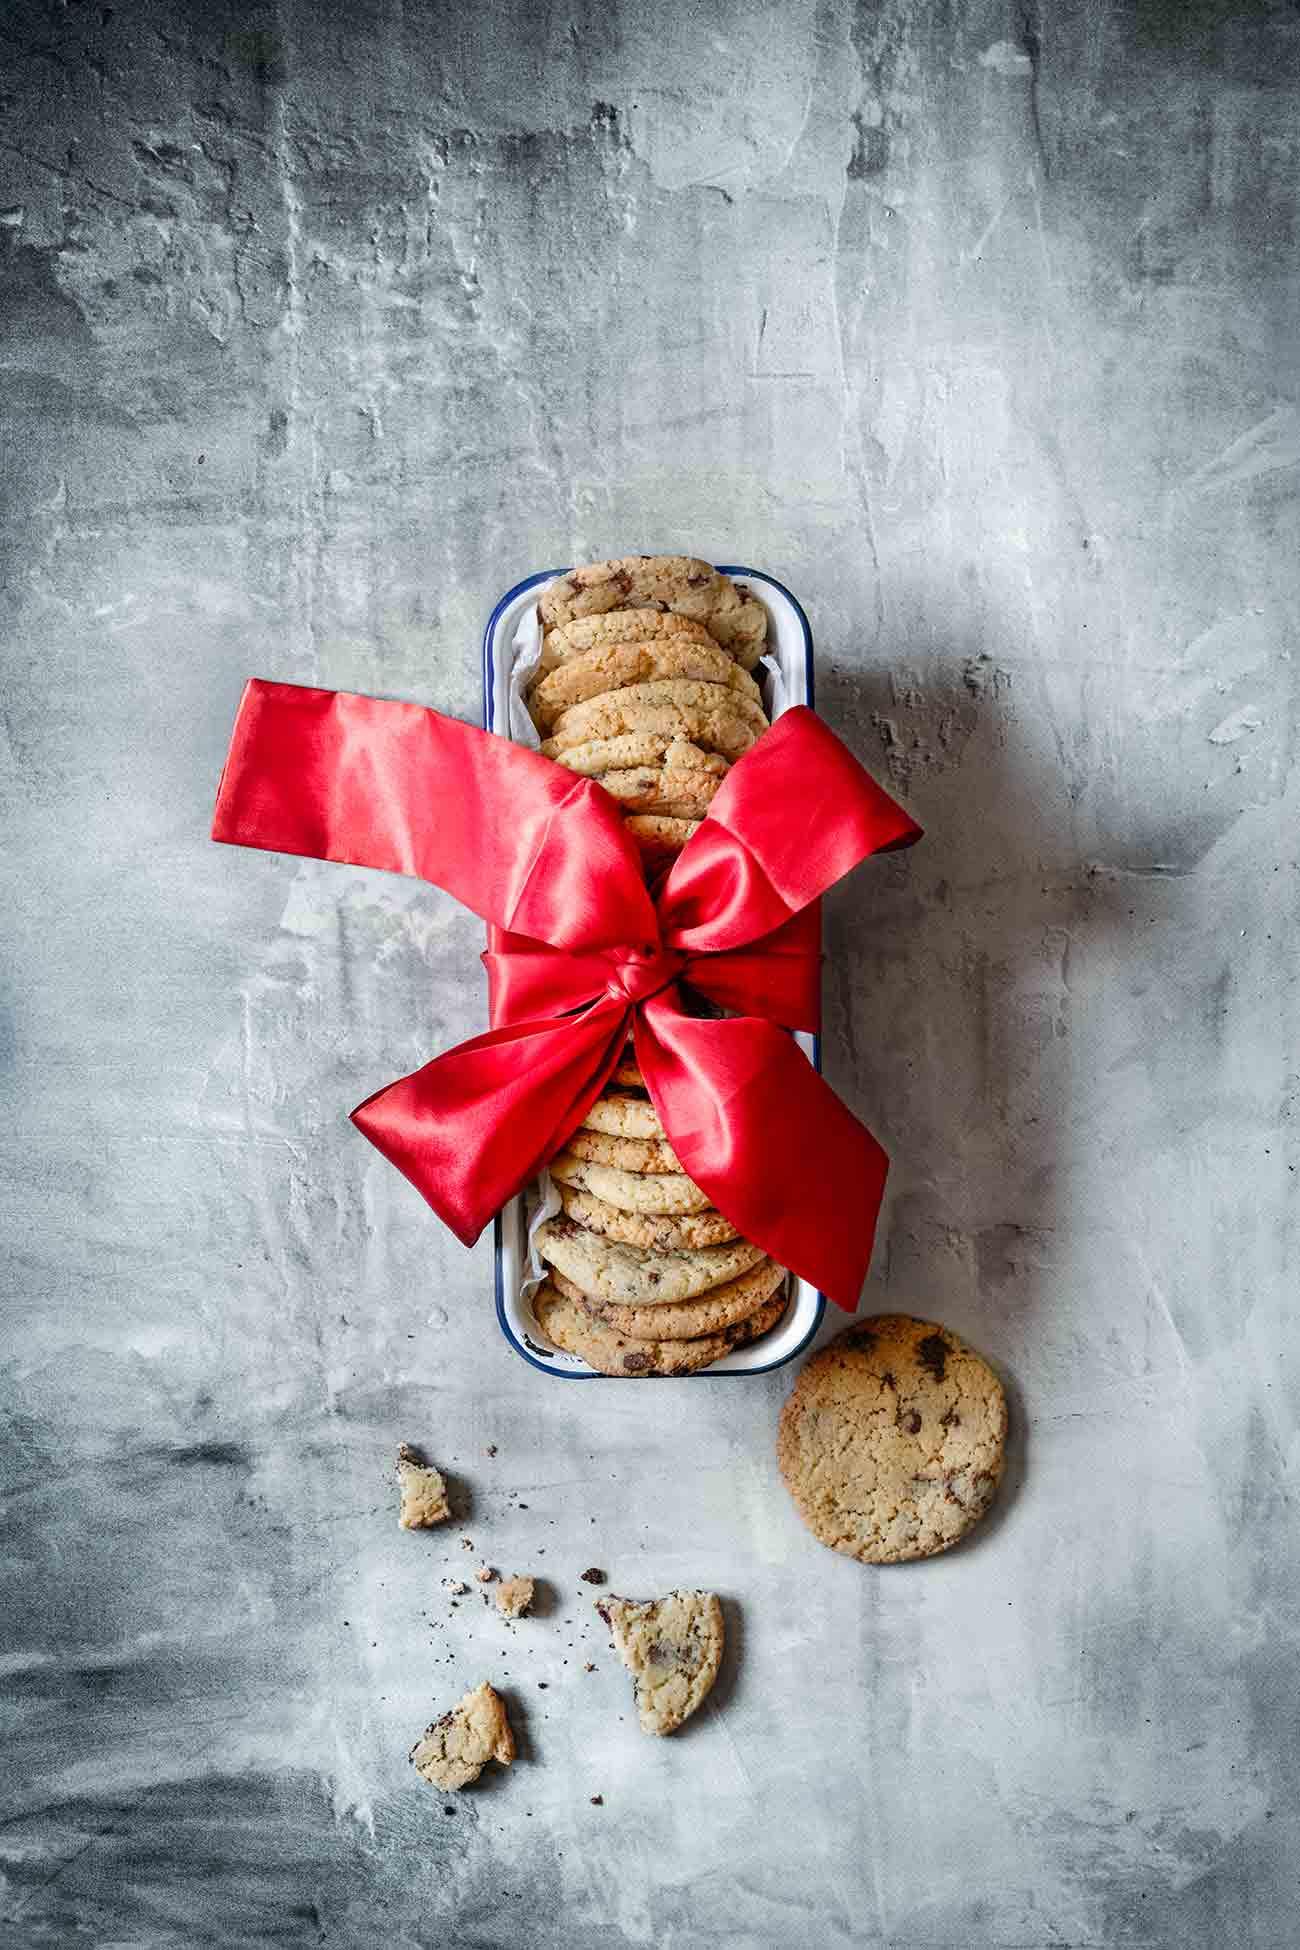 Die besten Chocolate Chip Cookies Ich habe in meinem Leben bisher mehr Kekse gegessen als selber gebacken. Das ist Fakt. Und das nur, weil ich bisher noch kein richtig leckeres (und schnelles) Rezept gefunden habe, was mich total überzeugt. Jetzt hab ich es.... Und sie sind doch auch eine schöne Geschenkidee, oder?